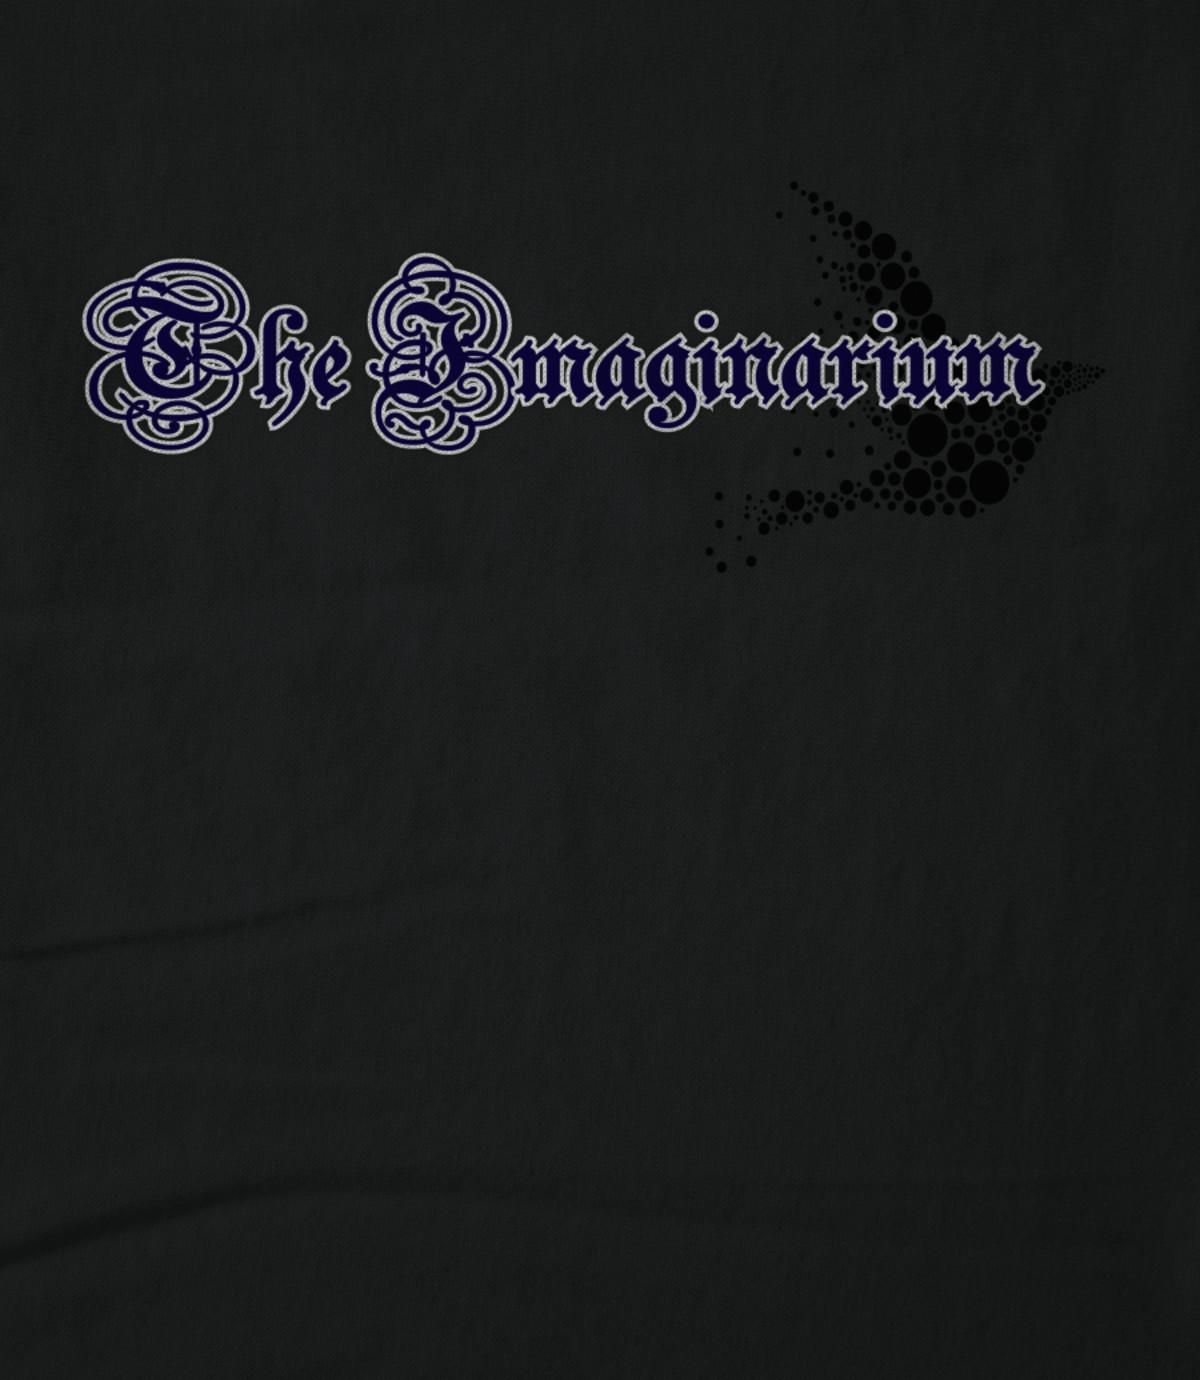 The imaginarium the imaginarium logo apparel 1547036019